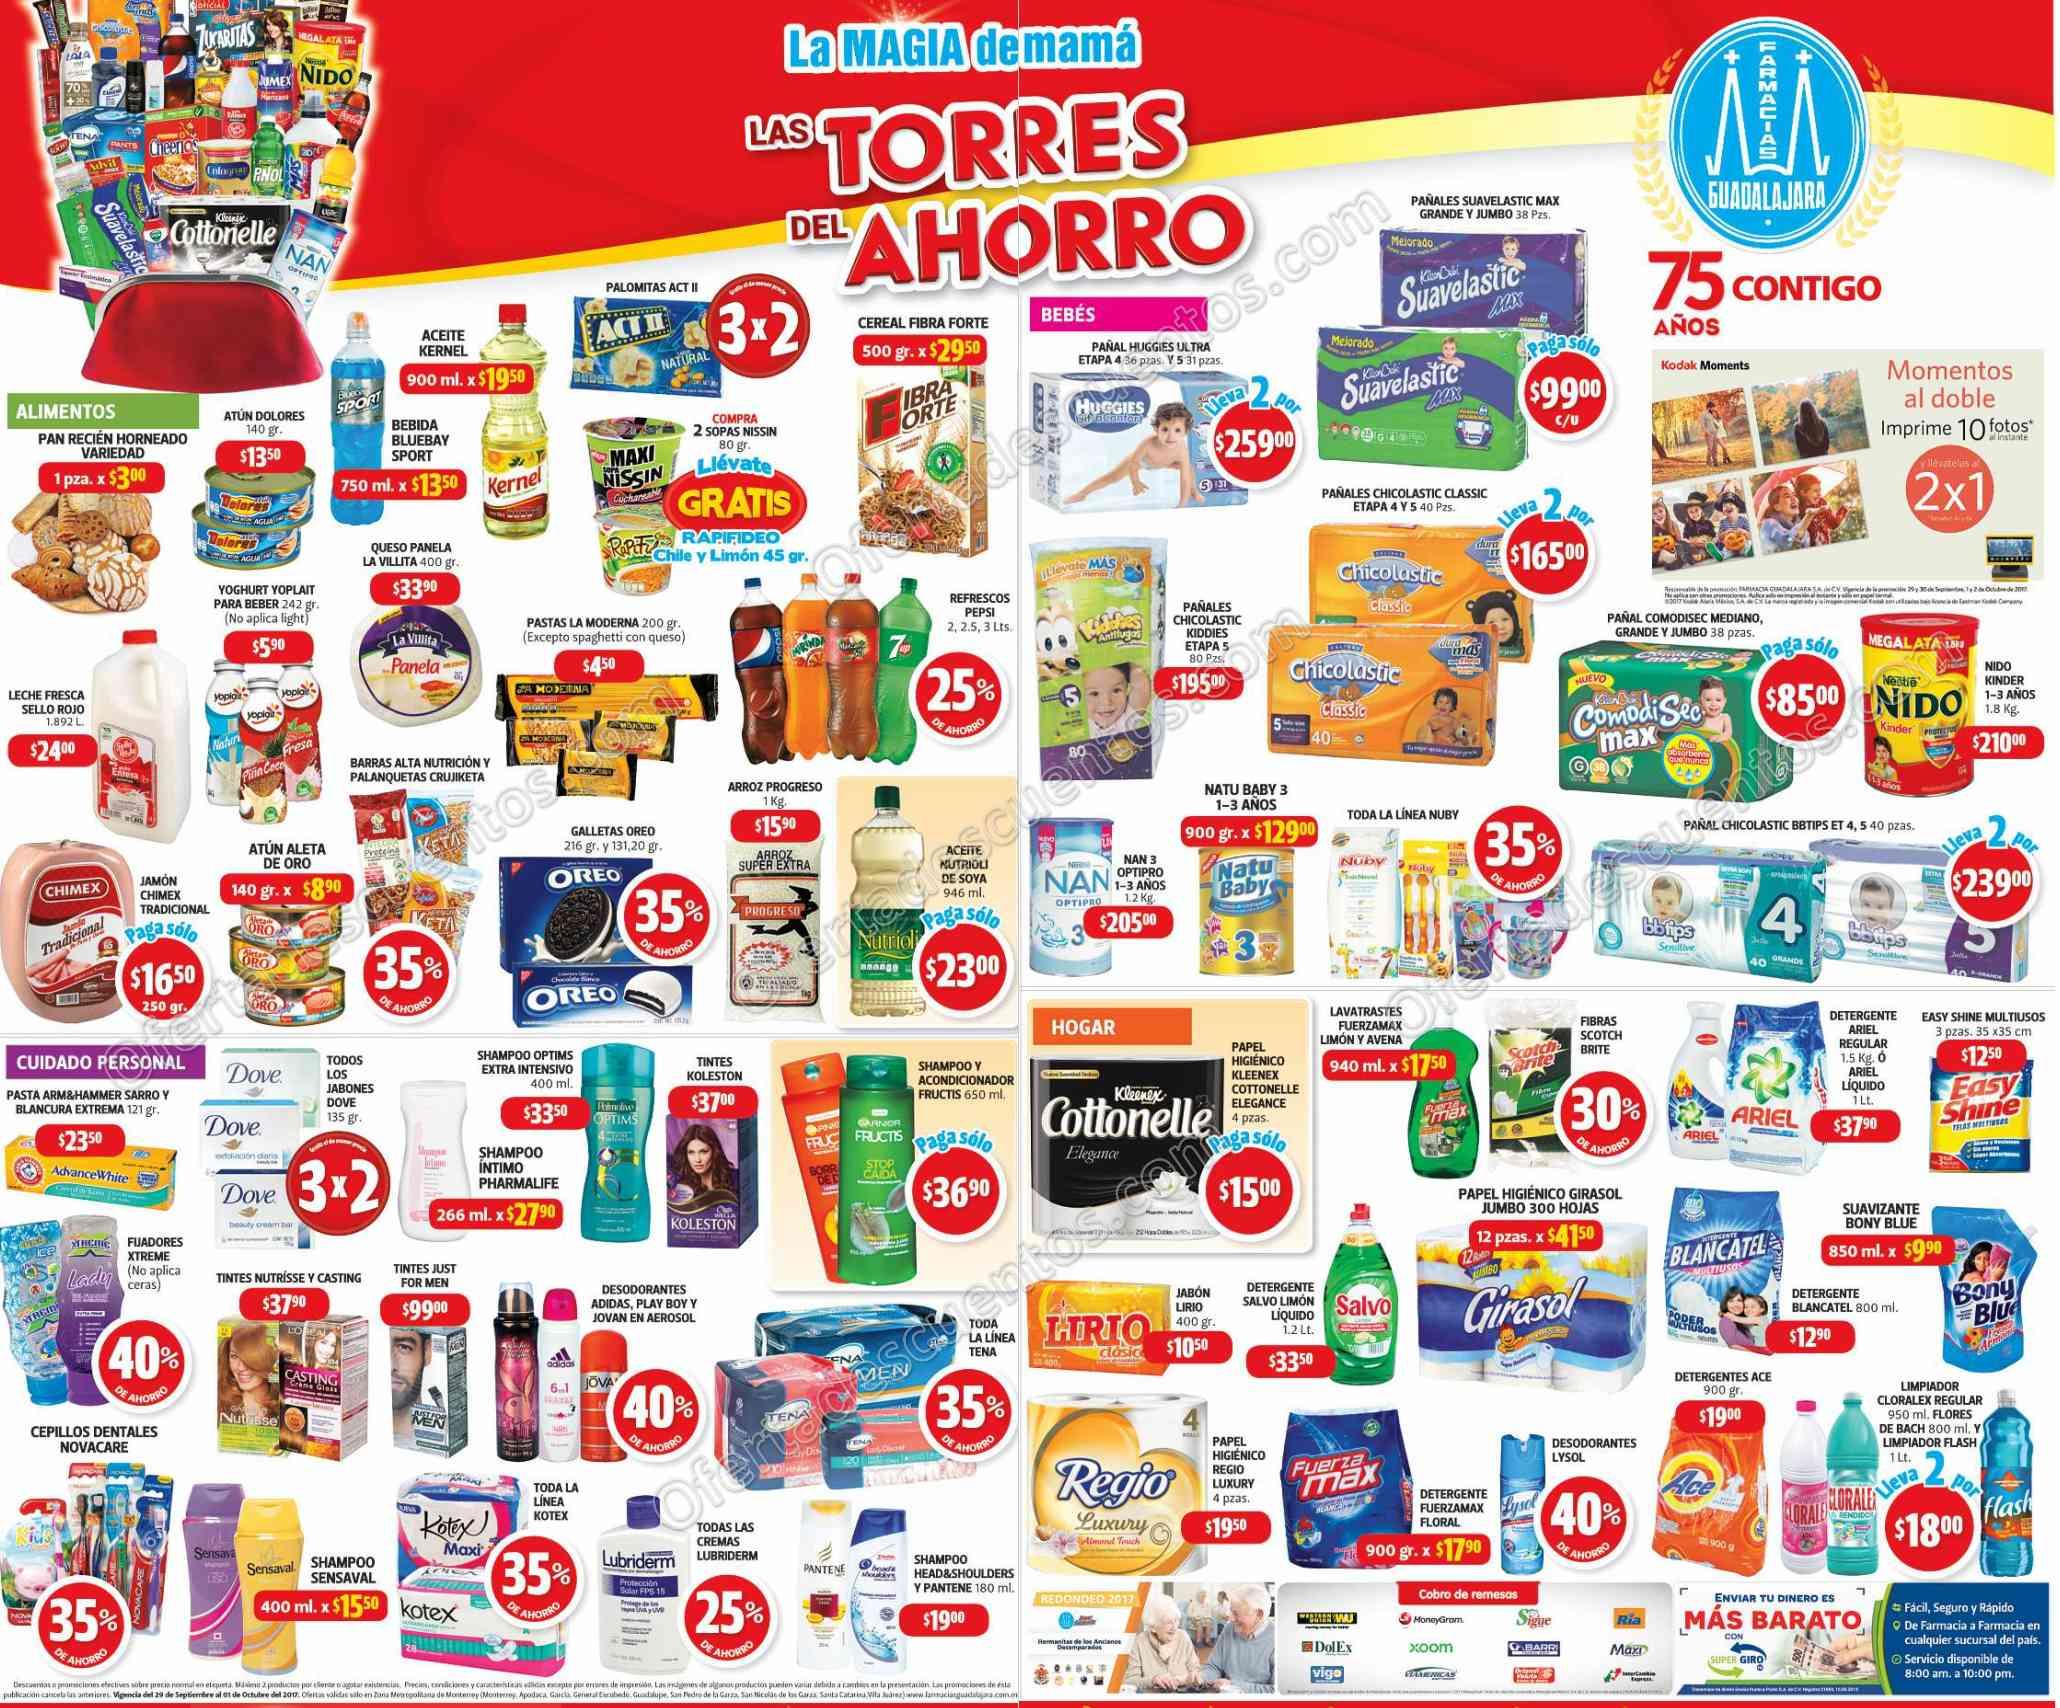 Promociones Fin de Semana Farmacias Guadalajara 29 de